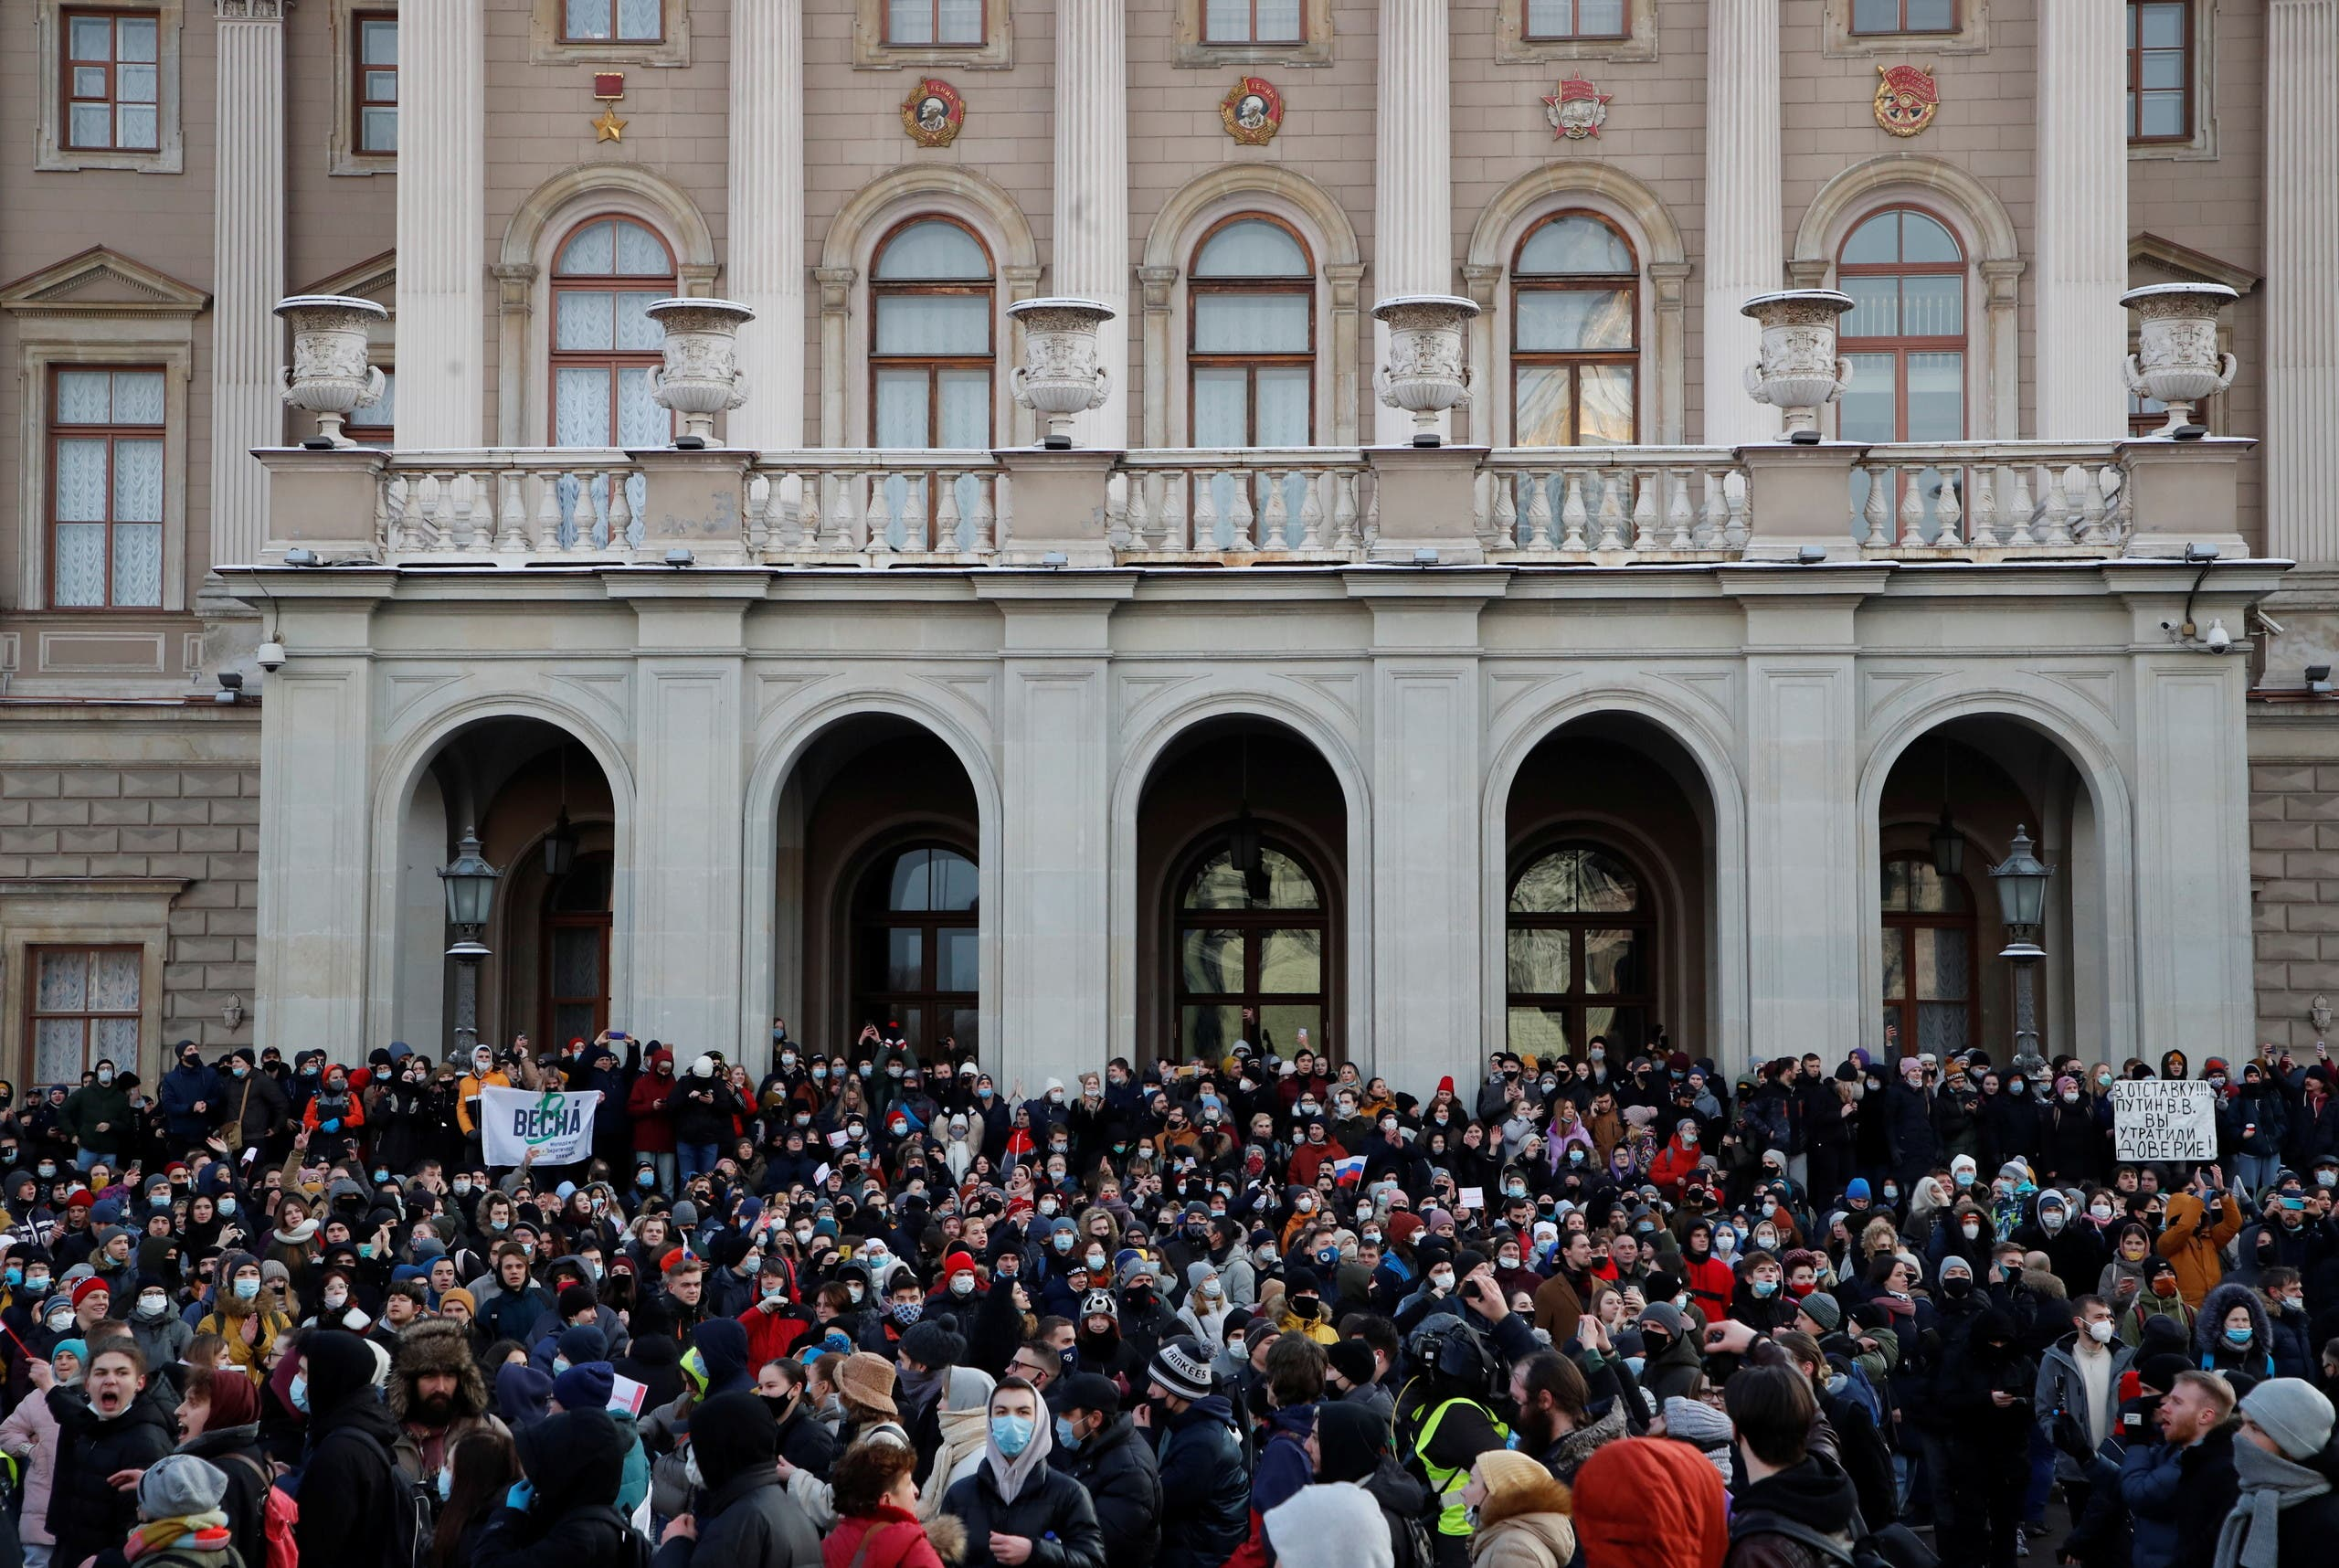 تظاهرات طرفداران ناوالنی (31 ژانویه 2021 - رویترز)